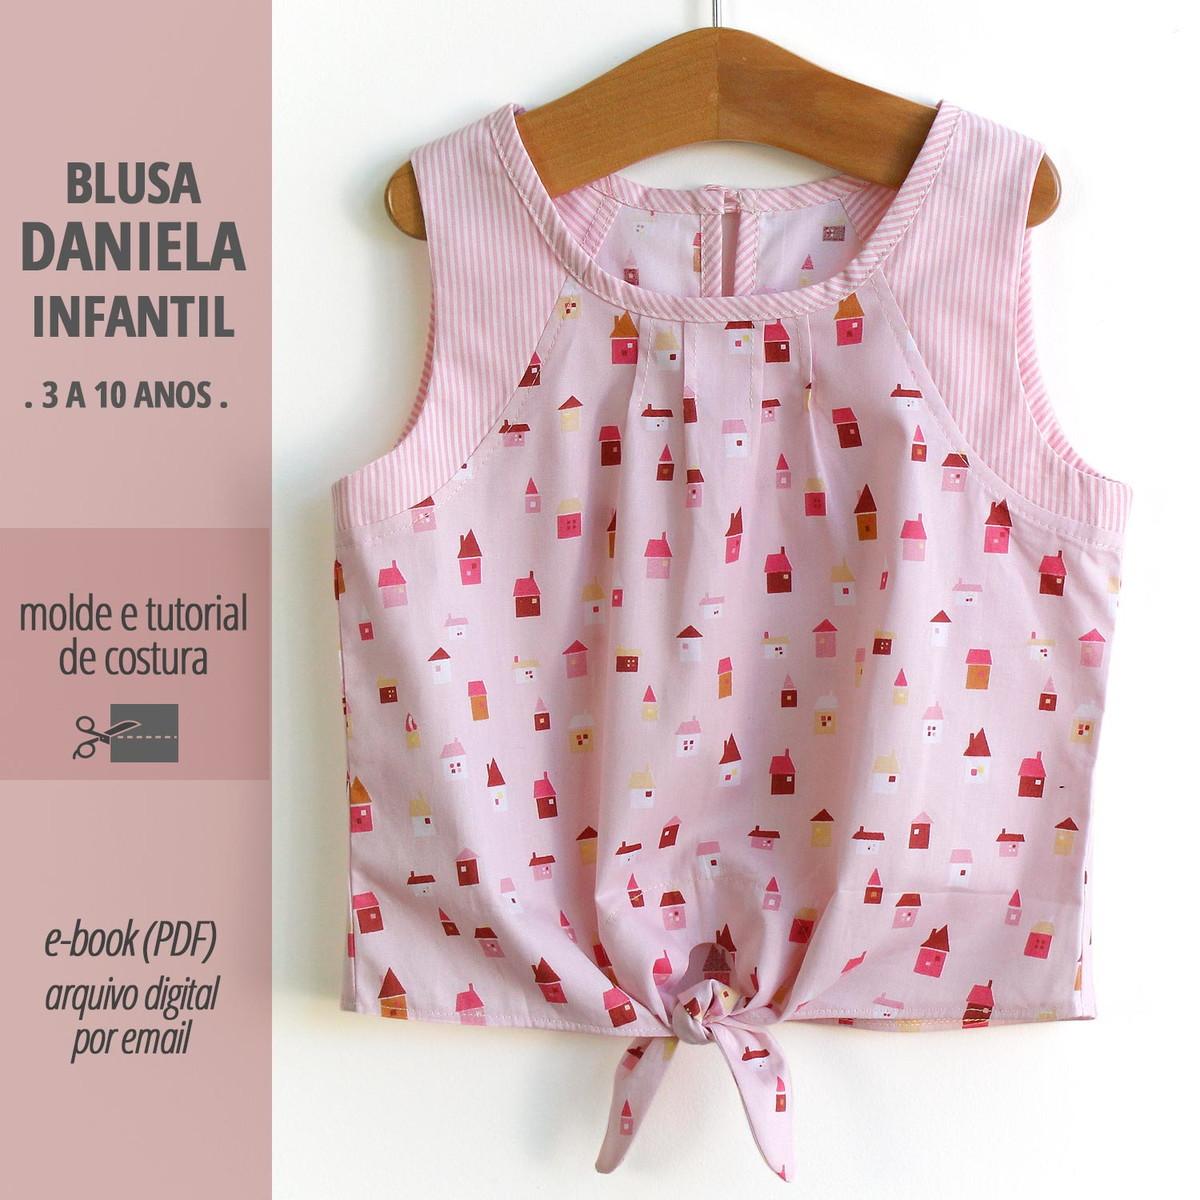 Blusa Daniela Inf Pdf Digital Molde E Tutorial De Costura No